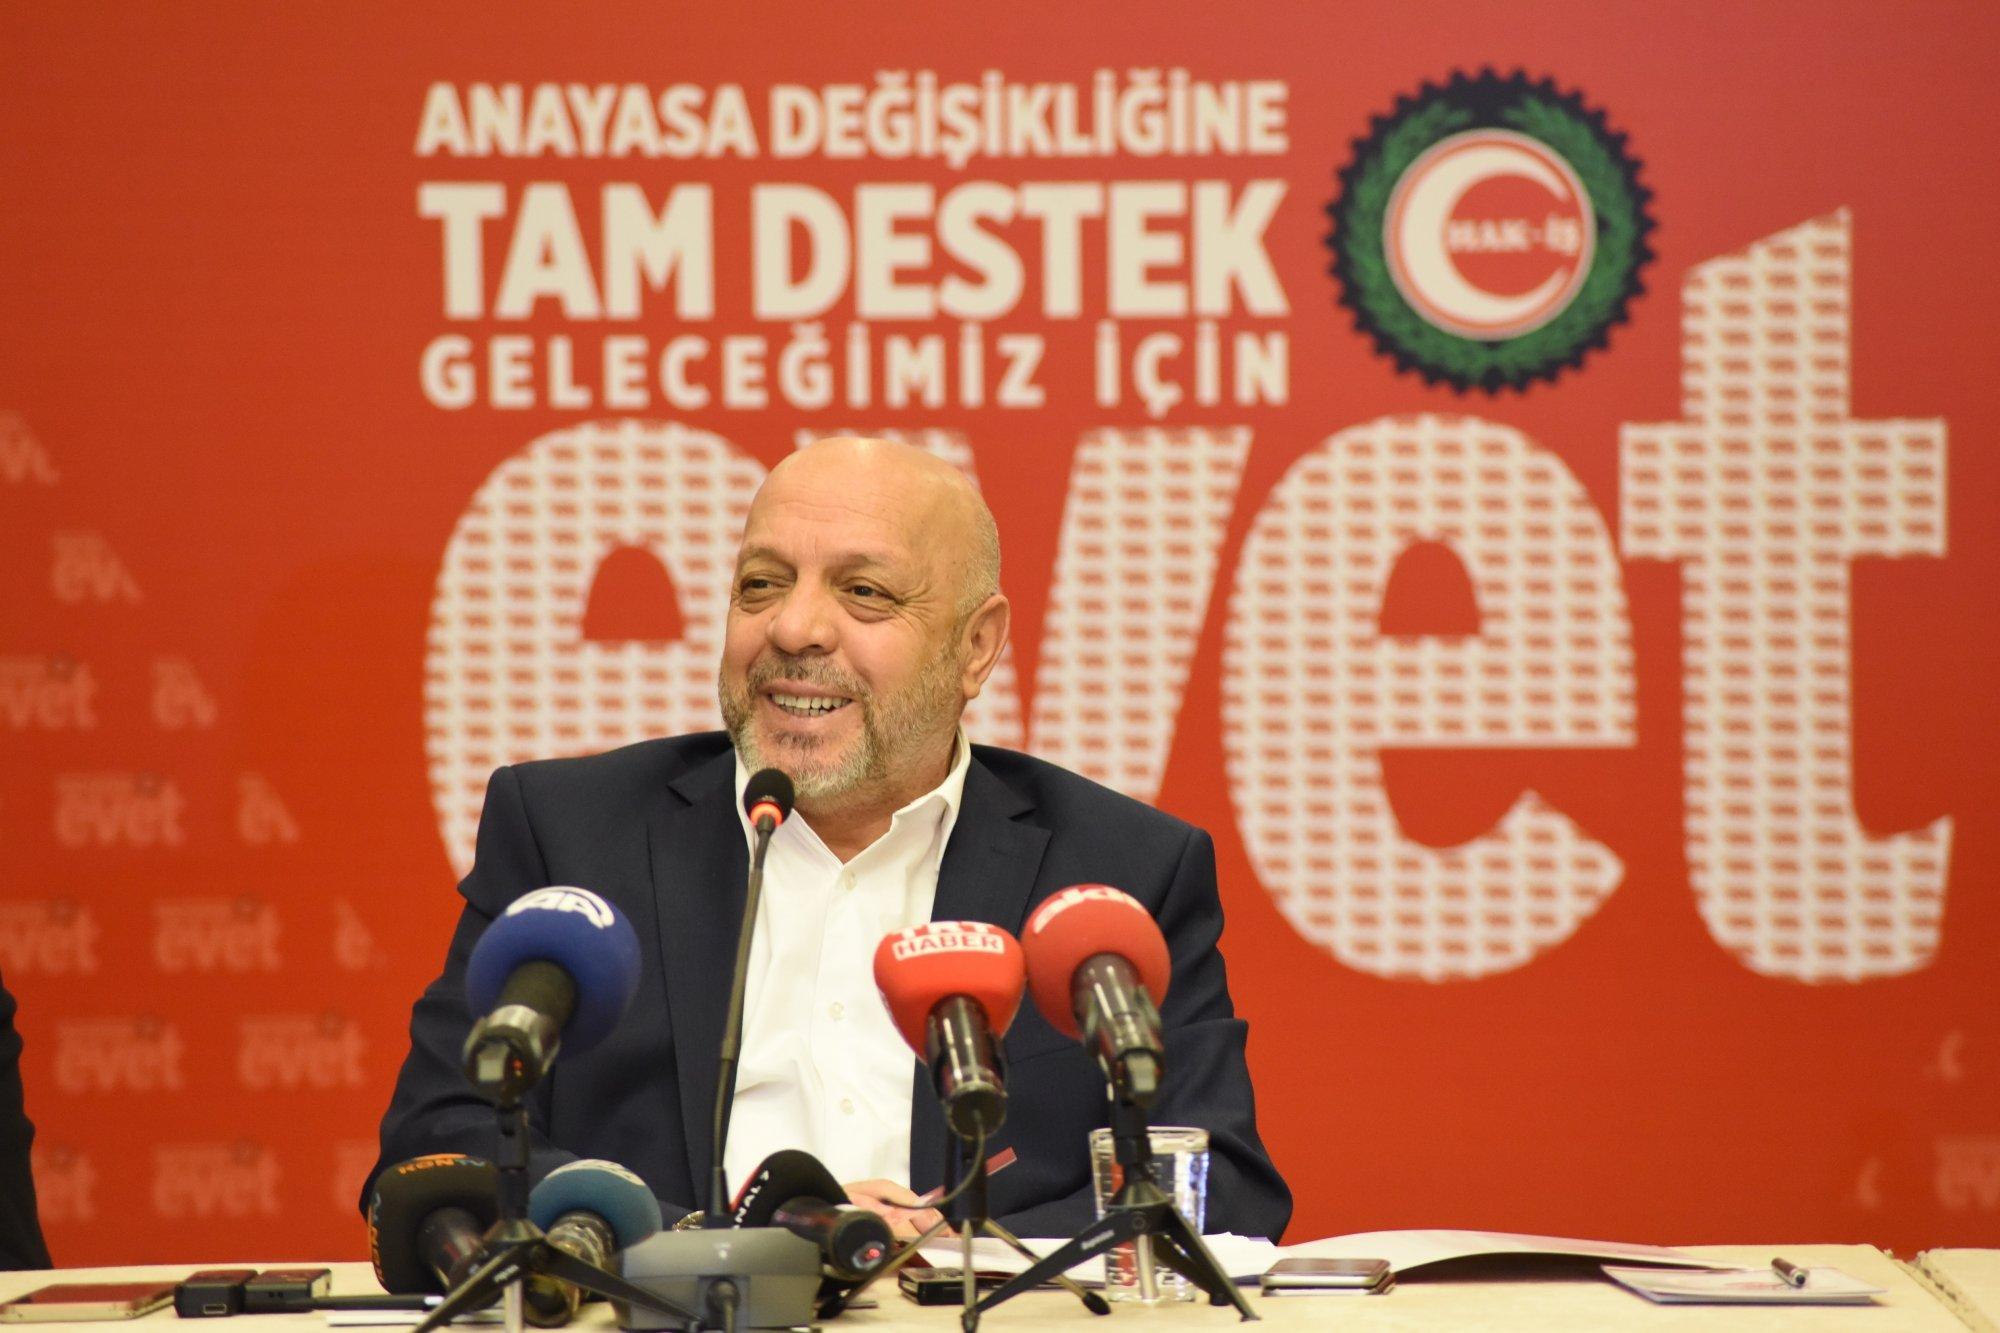 ARSLAN ANAYASA DEĞİŞİKLİĞİ İÇİN GAZİANTEP'TE